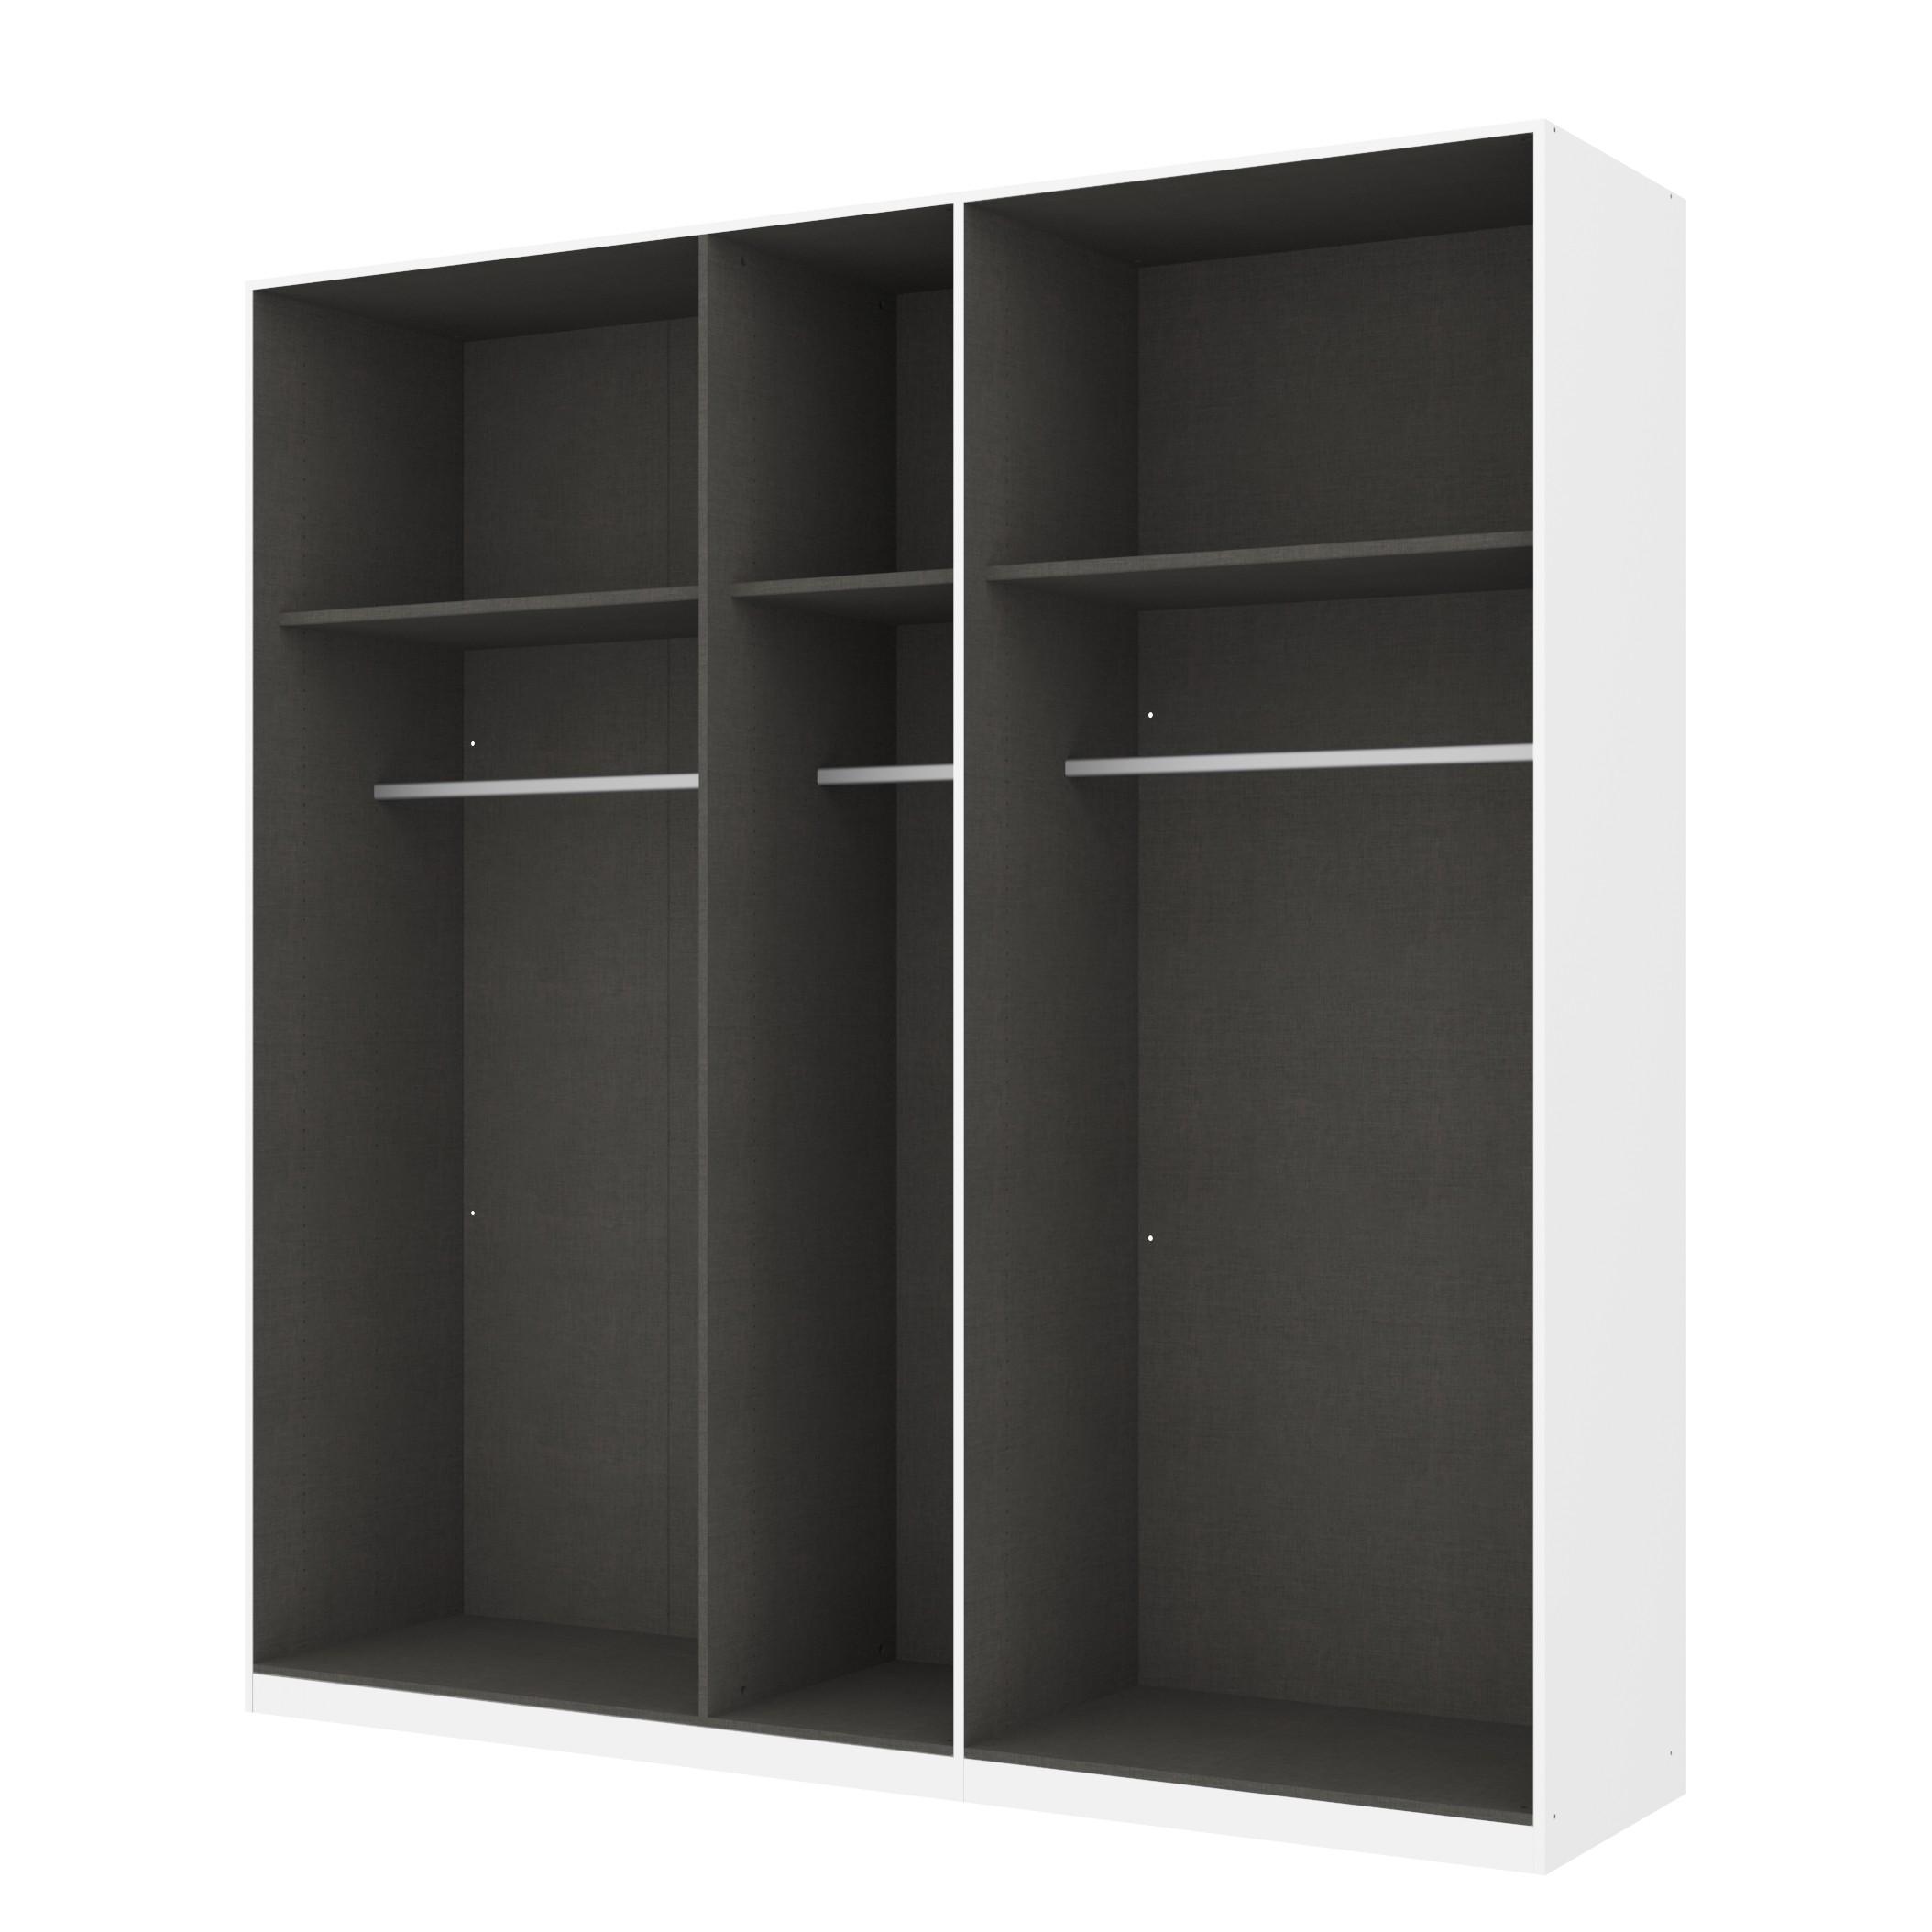 Kleiderschrank SKØP – Alpinweiß/ Offen – 225 cm (5-türig) – 236 cm – Premium, SKØP online kaufen